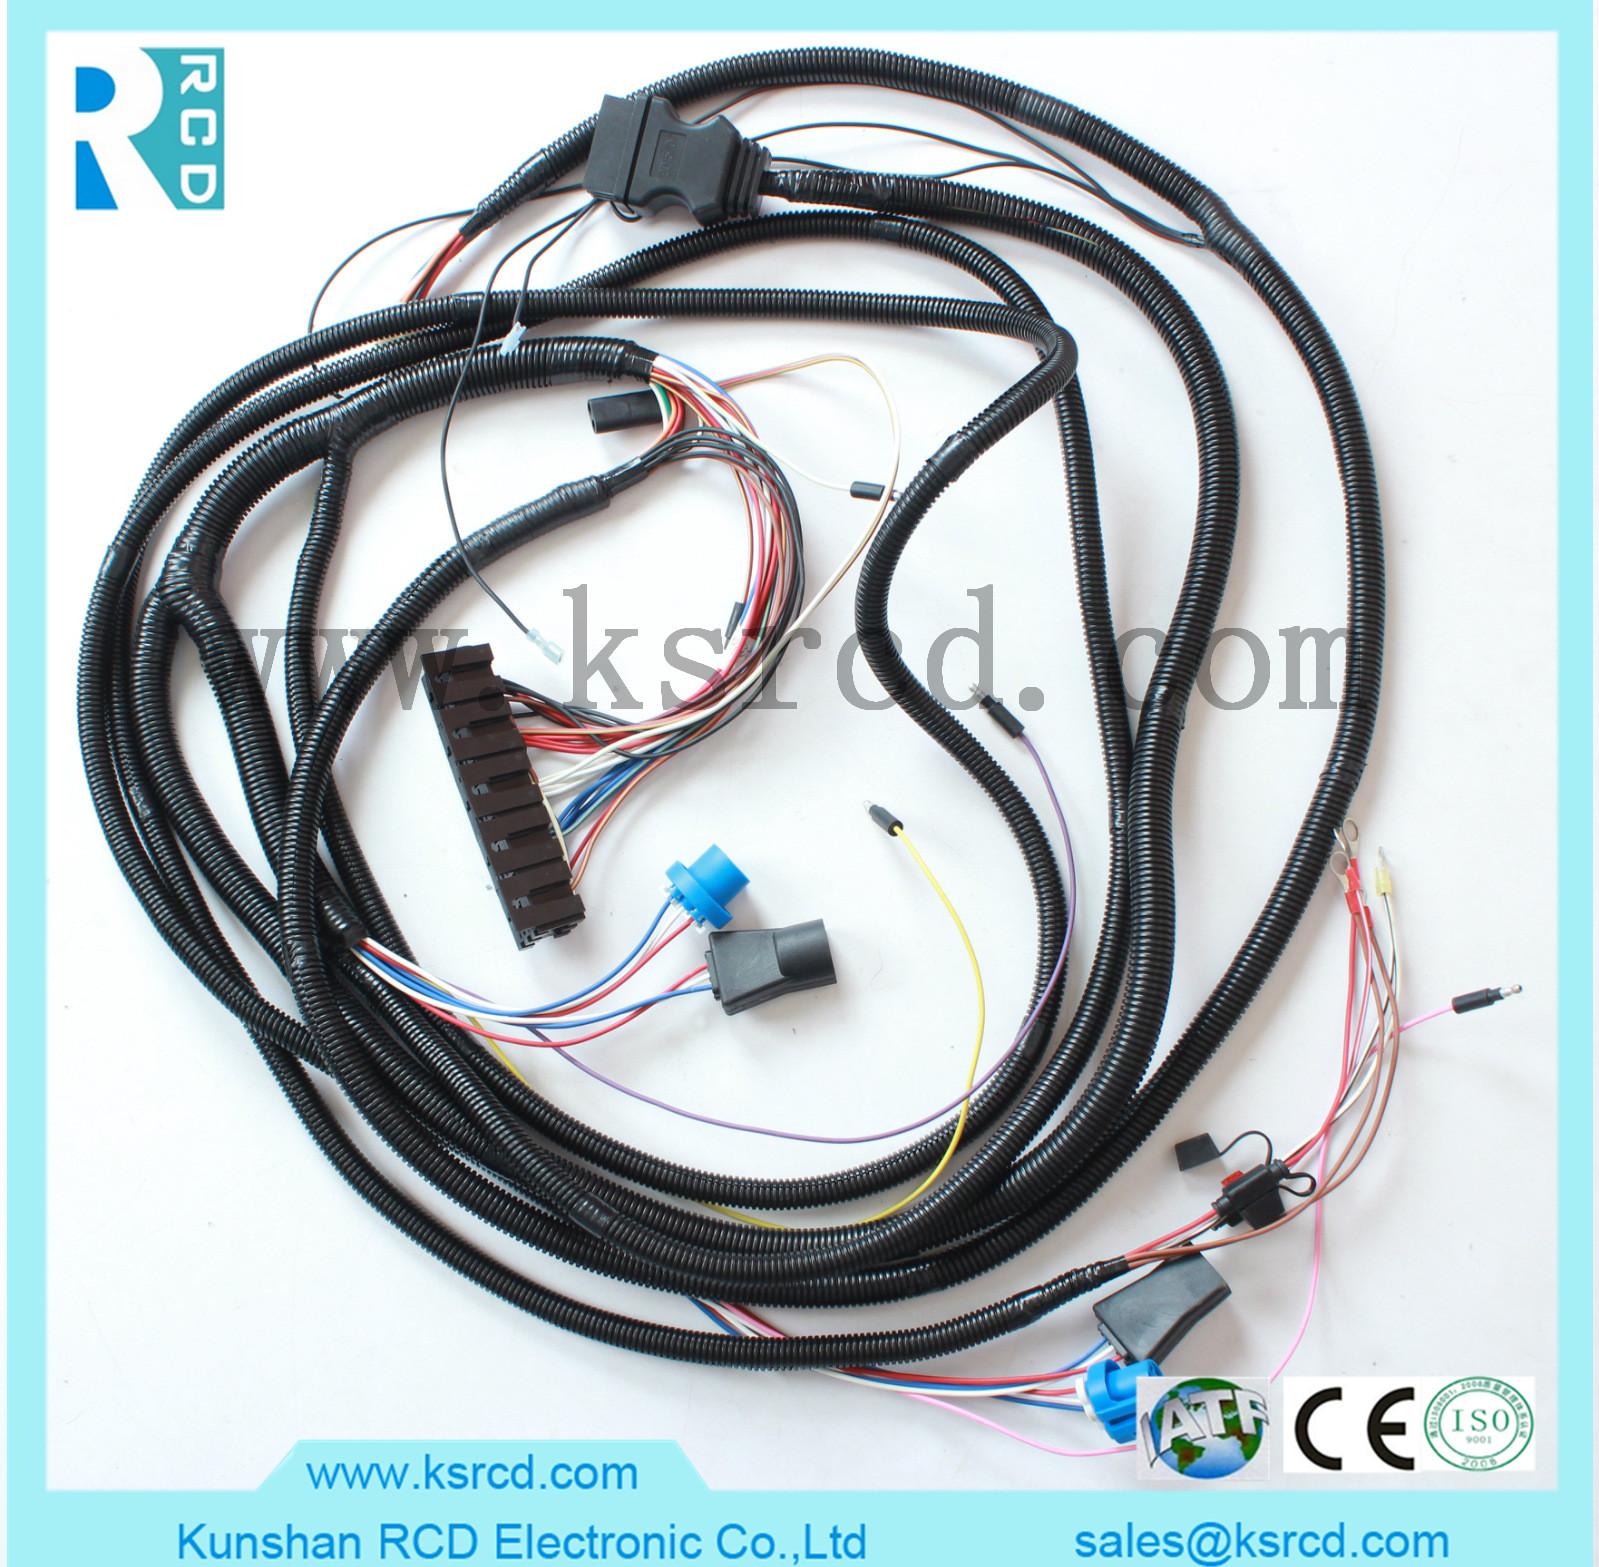 苏州设备连接线生产厂_苏州设备连接线加工厂_苏州设备连接线制